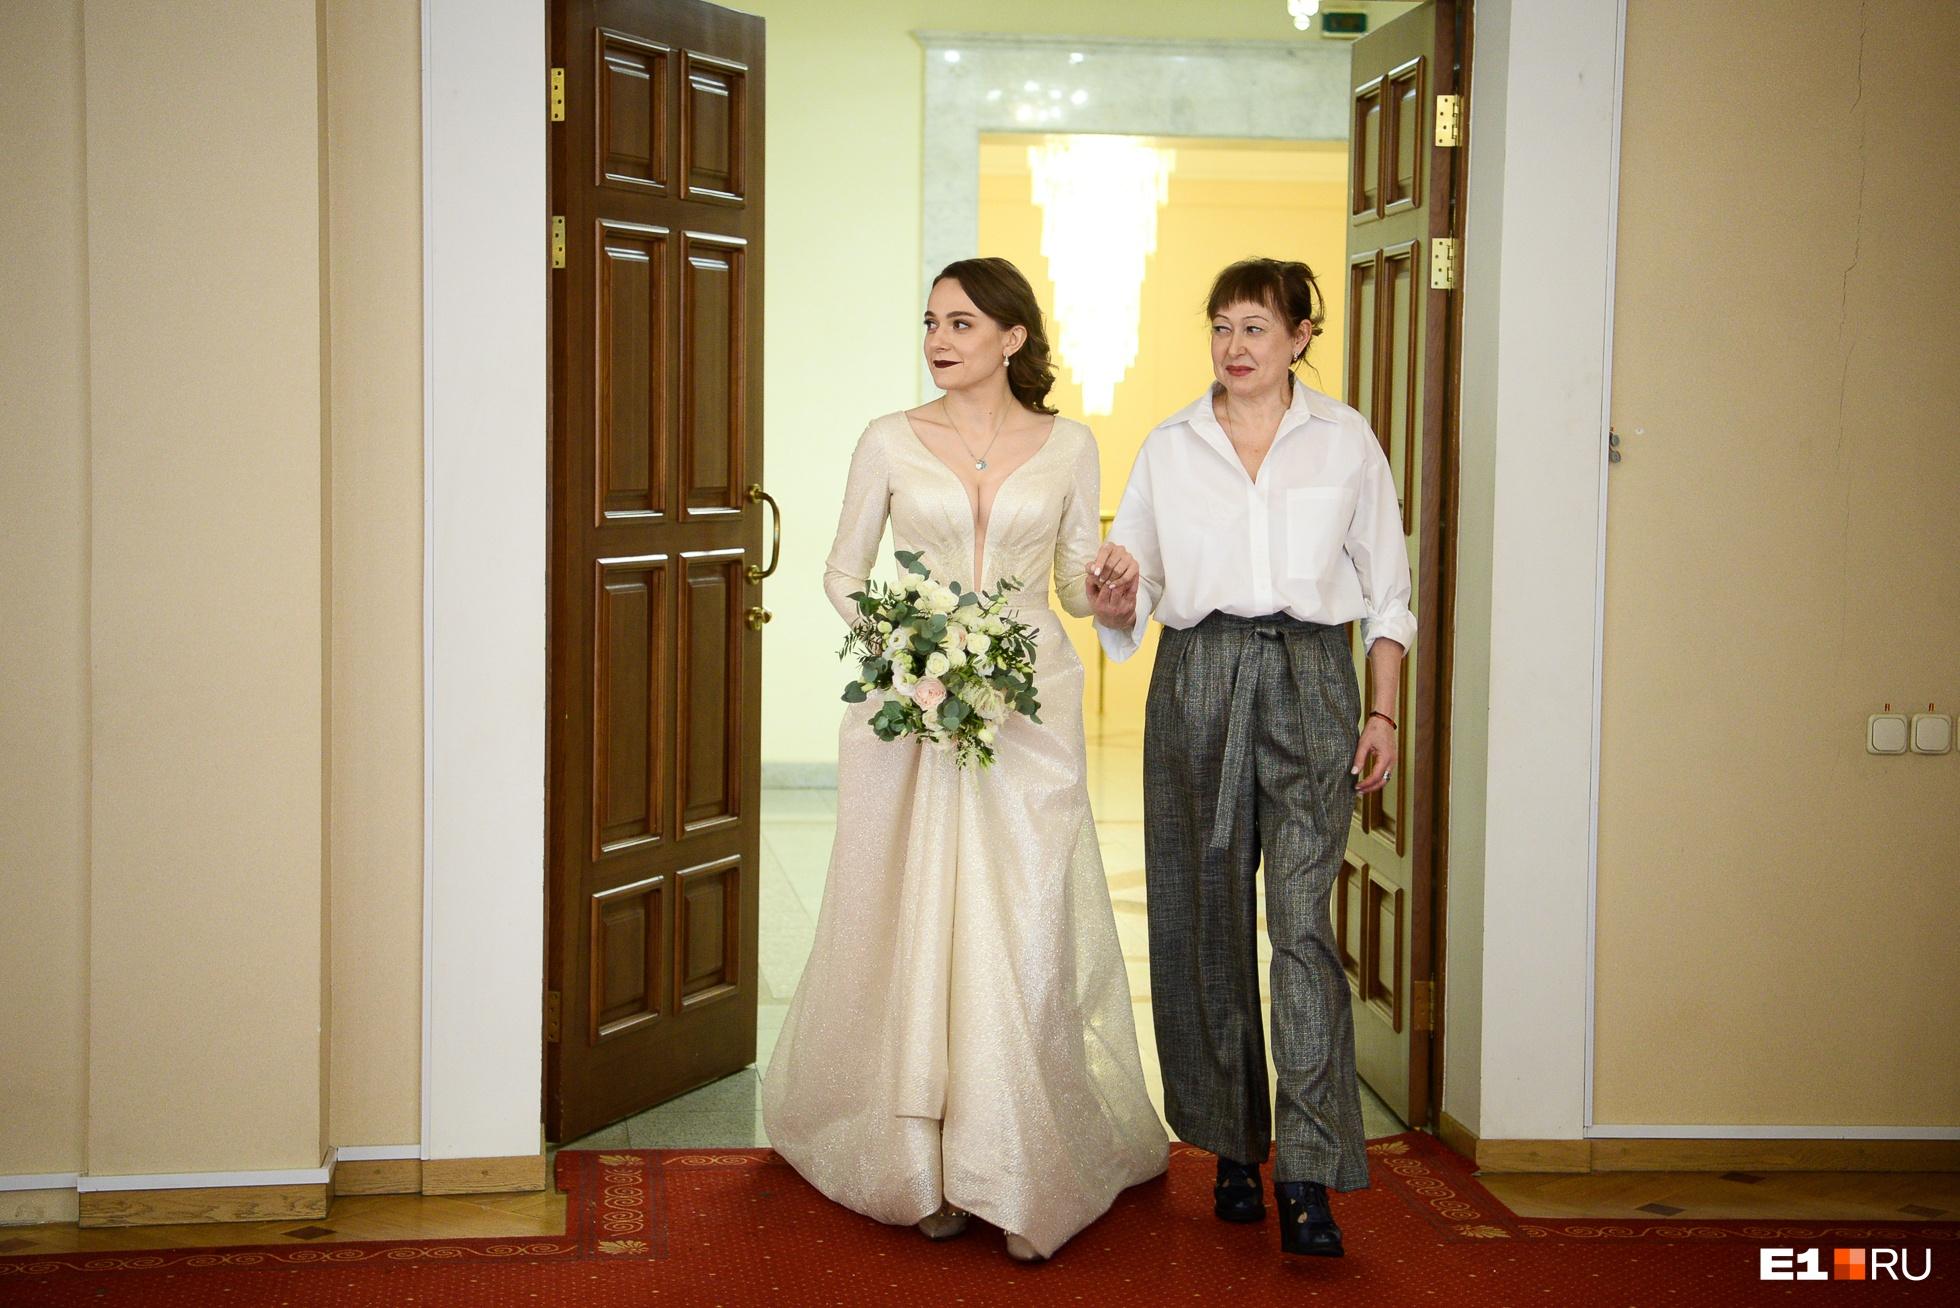 Это Александра входит в зал бракосочетания со своей мамой. Только сейчас Иван увидит свою невесту в свадебном платье